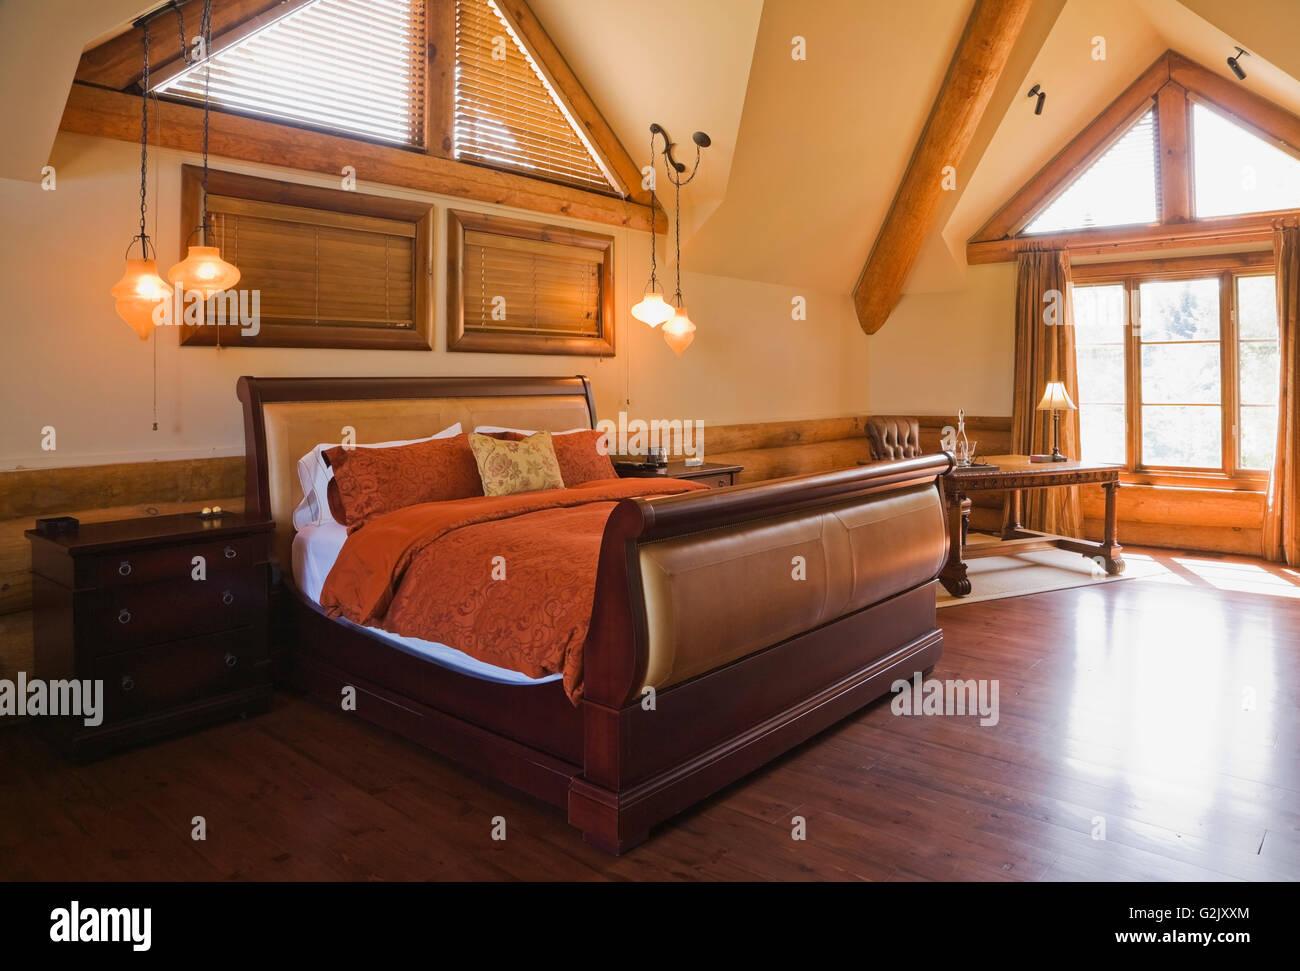 Wooden Sleigh Bed Antique Desk In Original Master Bedroom